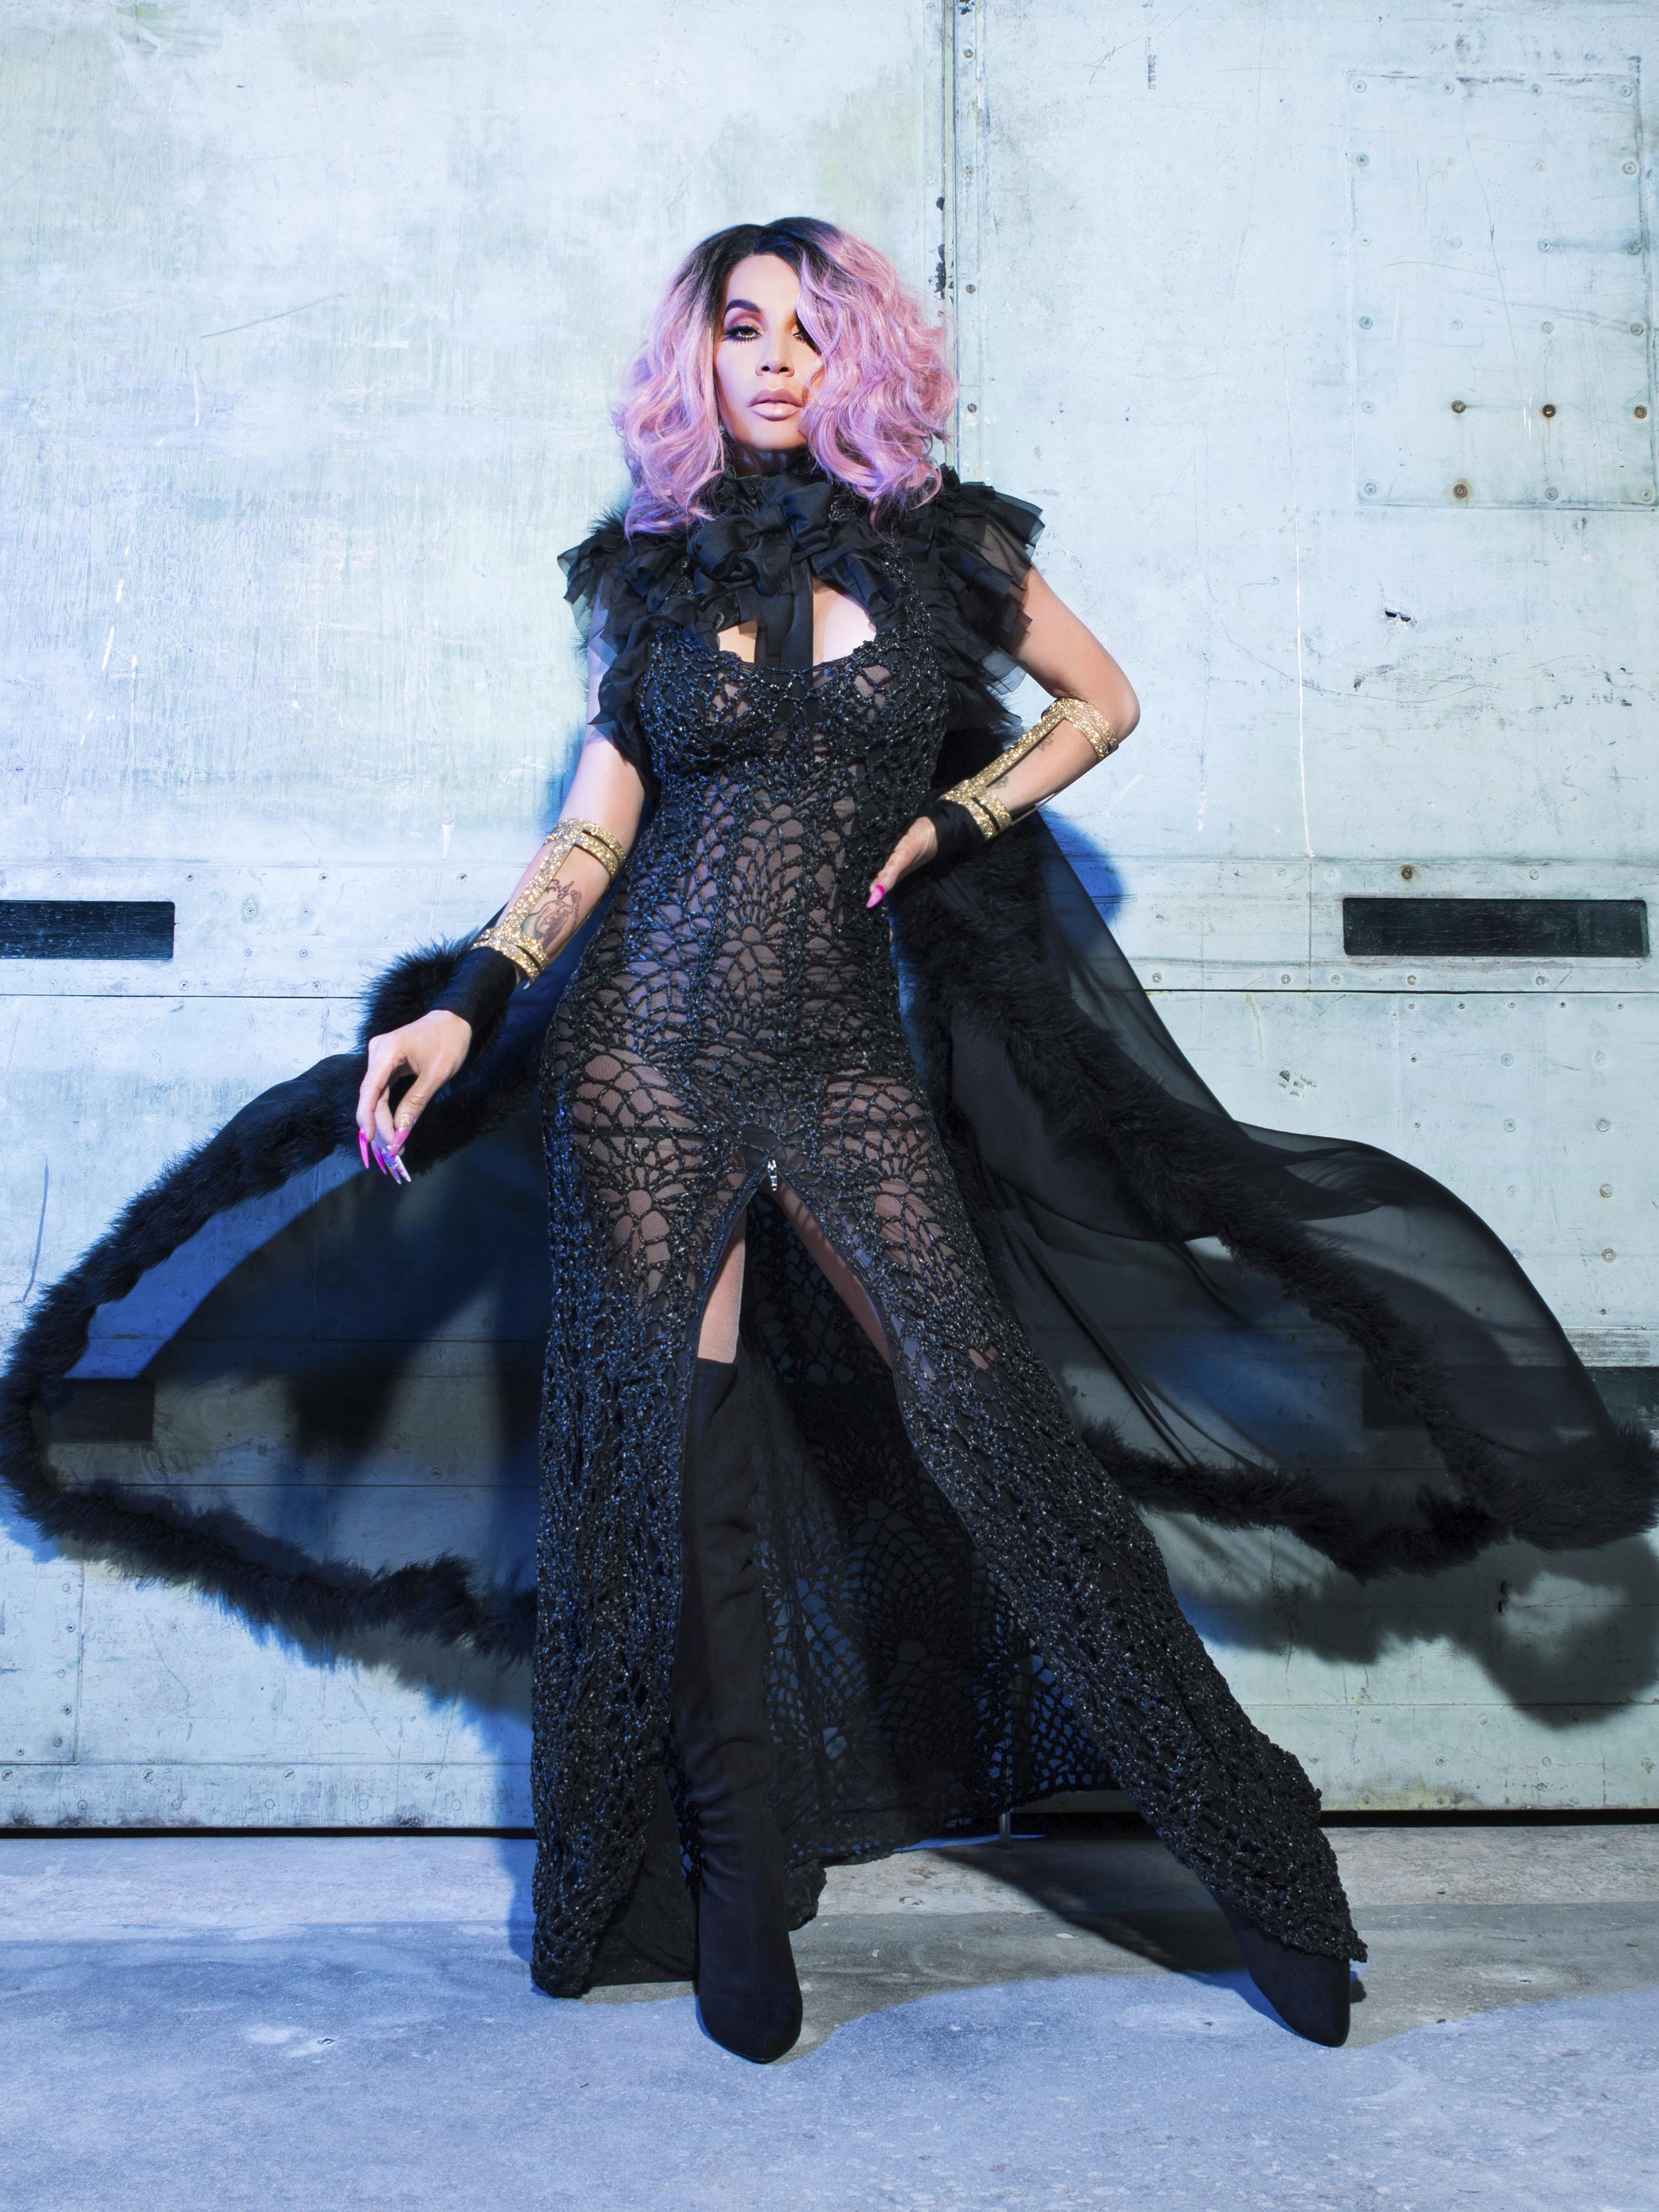 Ivy Queen - Poderosas - April 2019